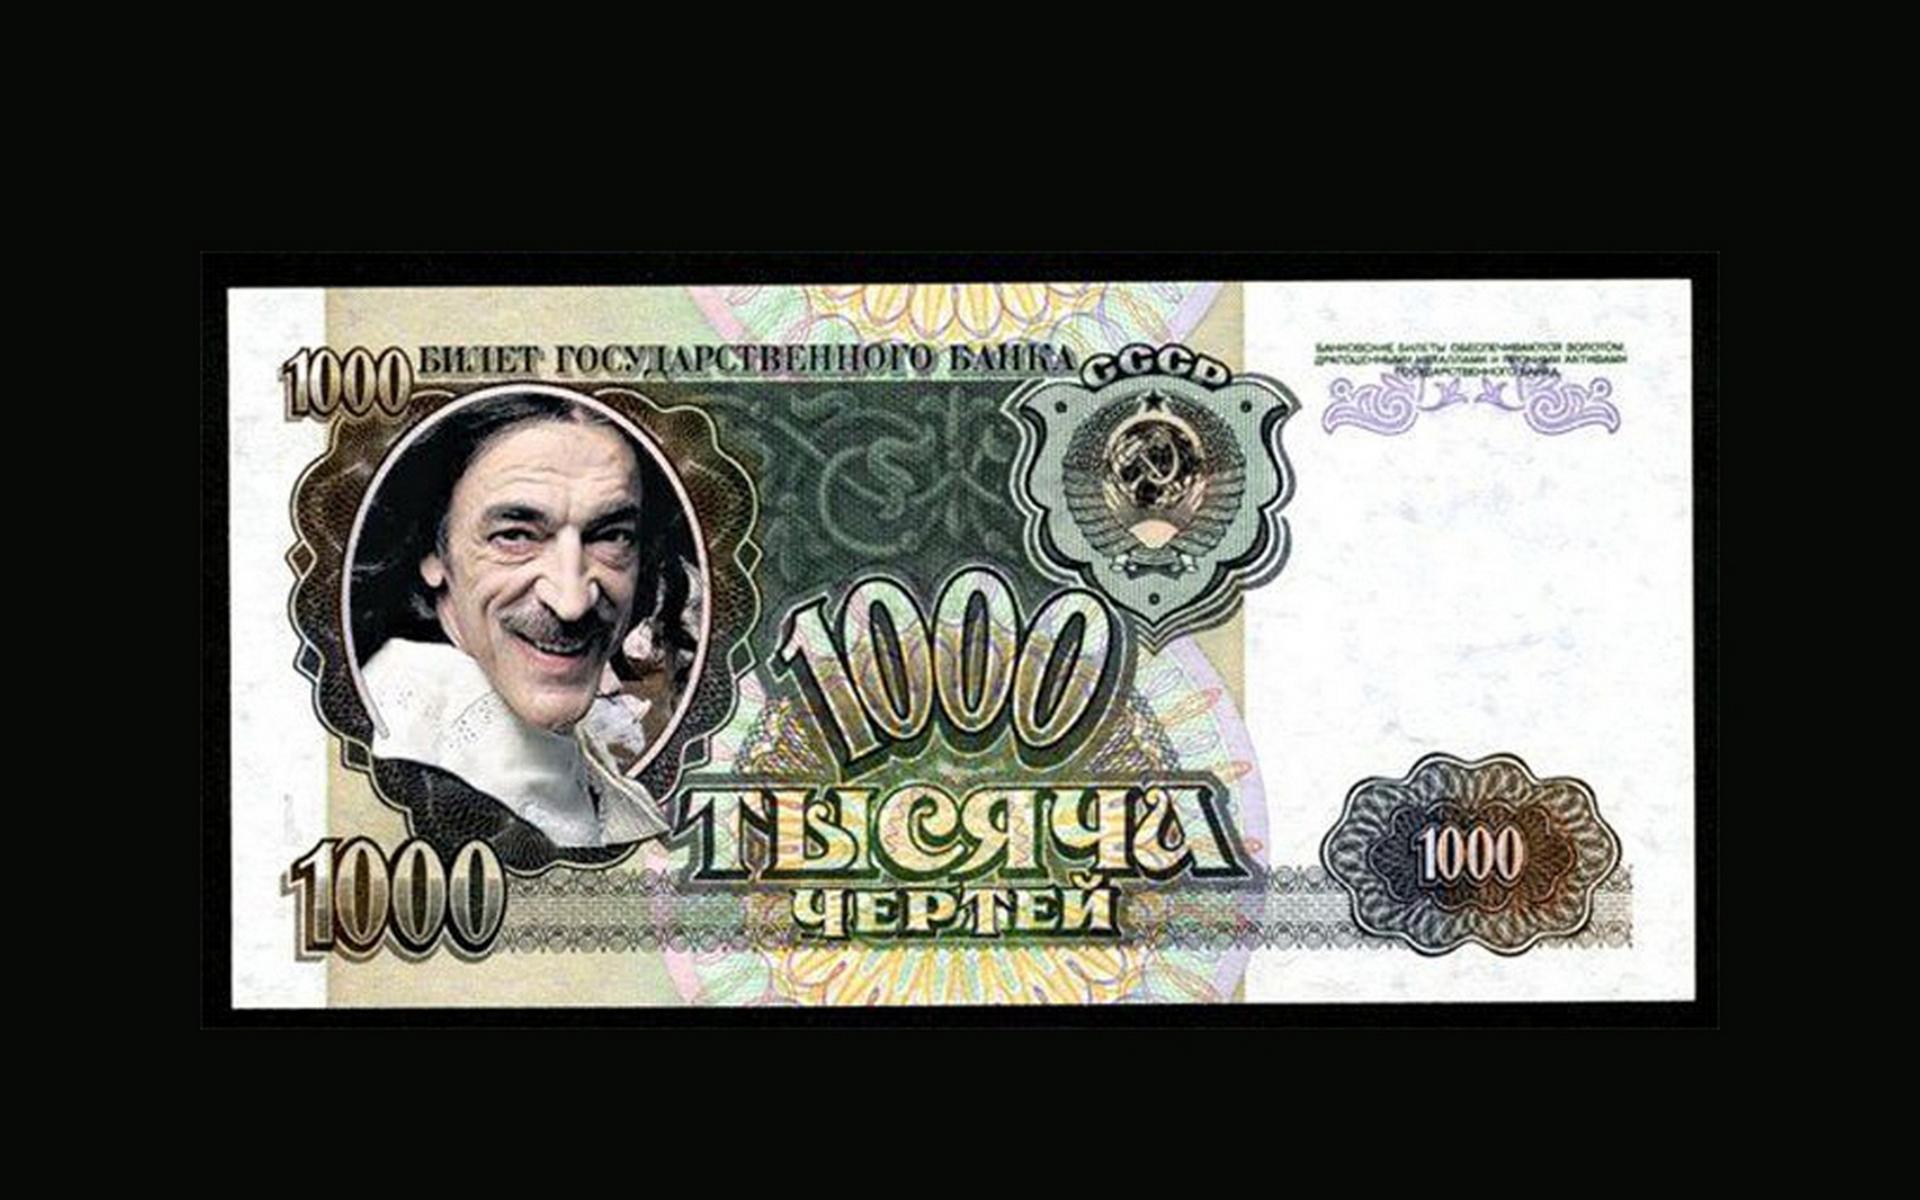 купюра, тысяча чертей, Боярский